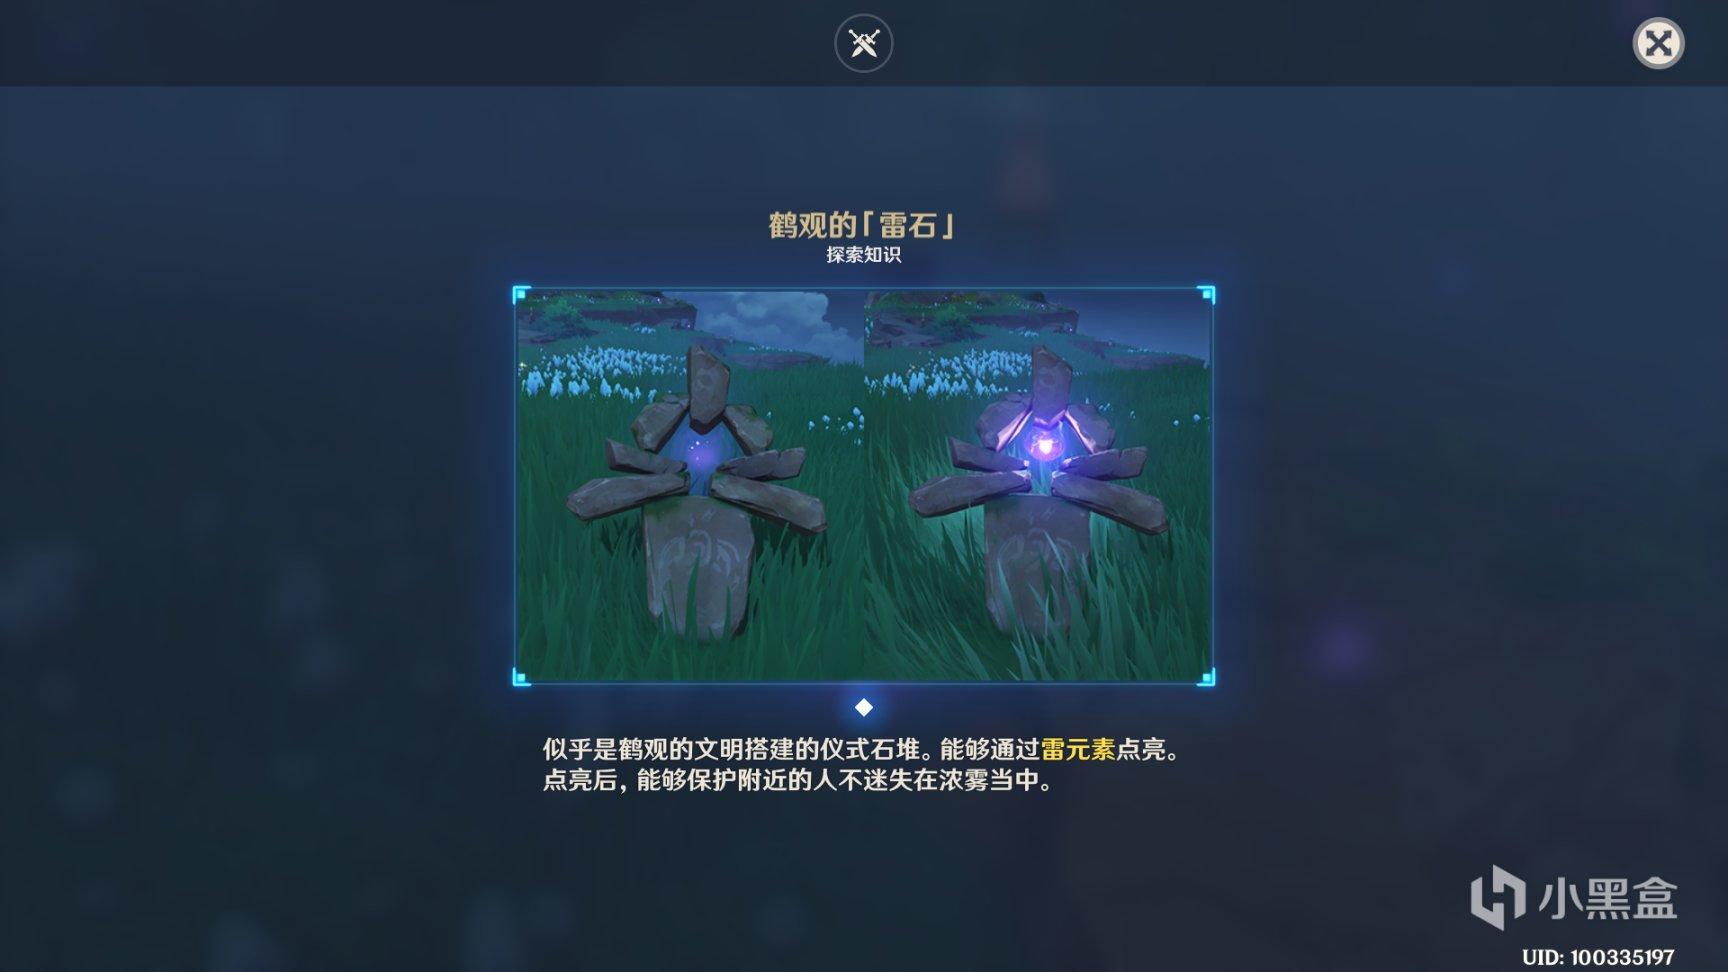 【雾海纪行】最详细的全攻略(多图警告)插图18